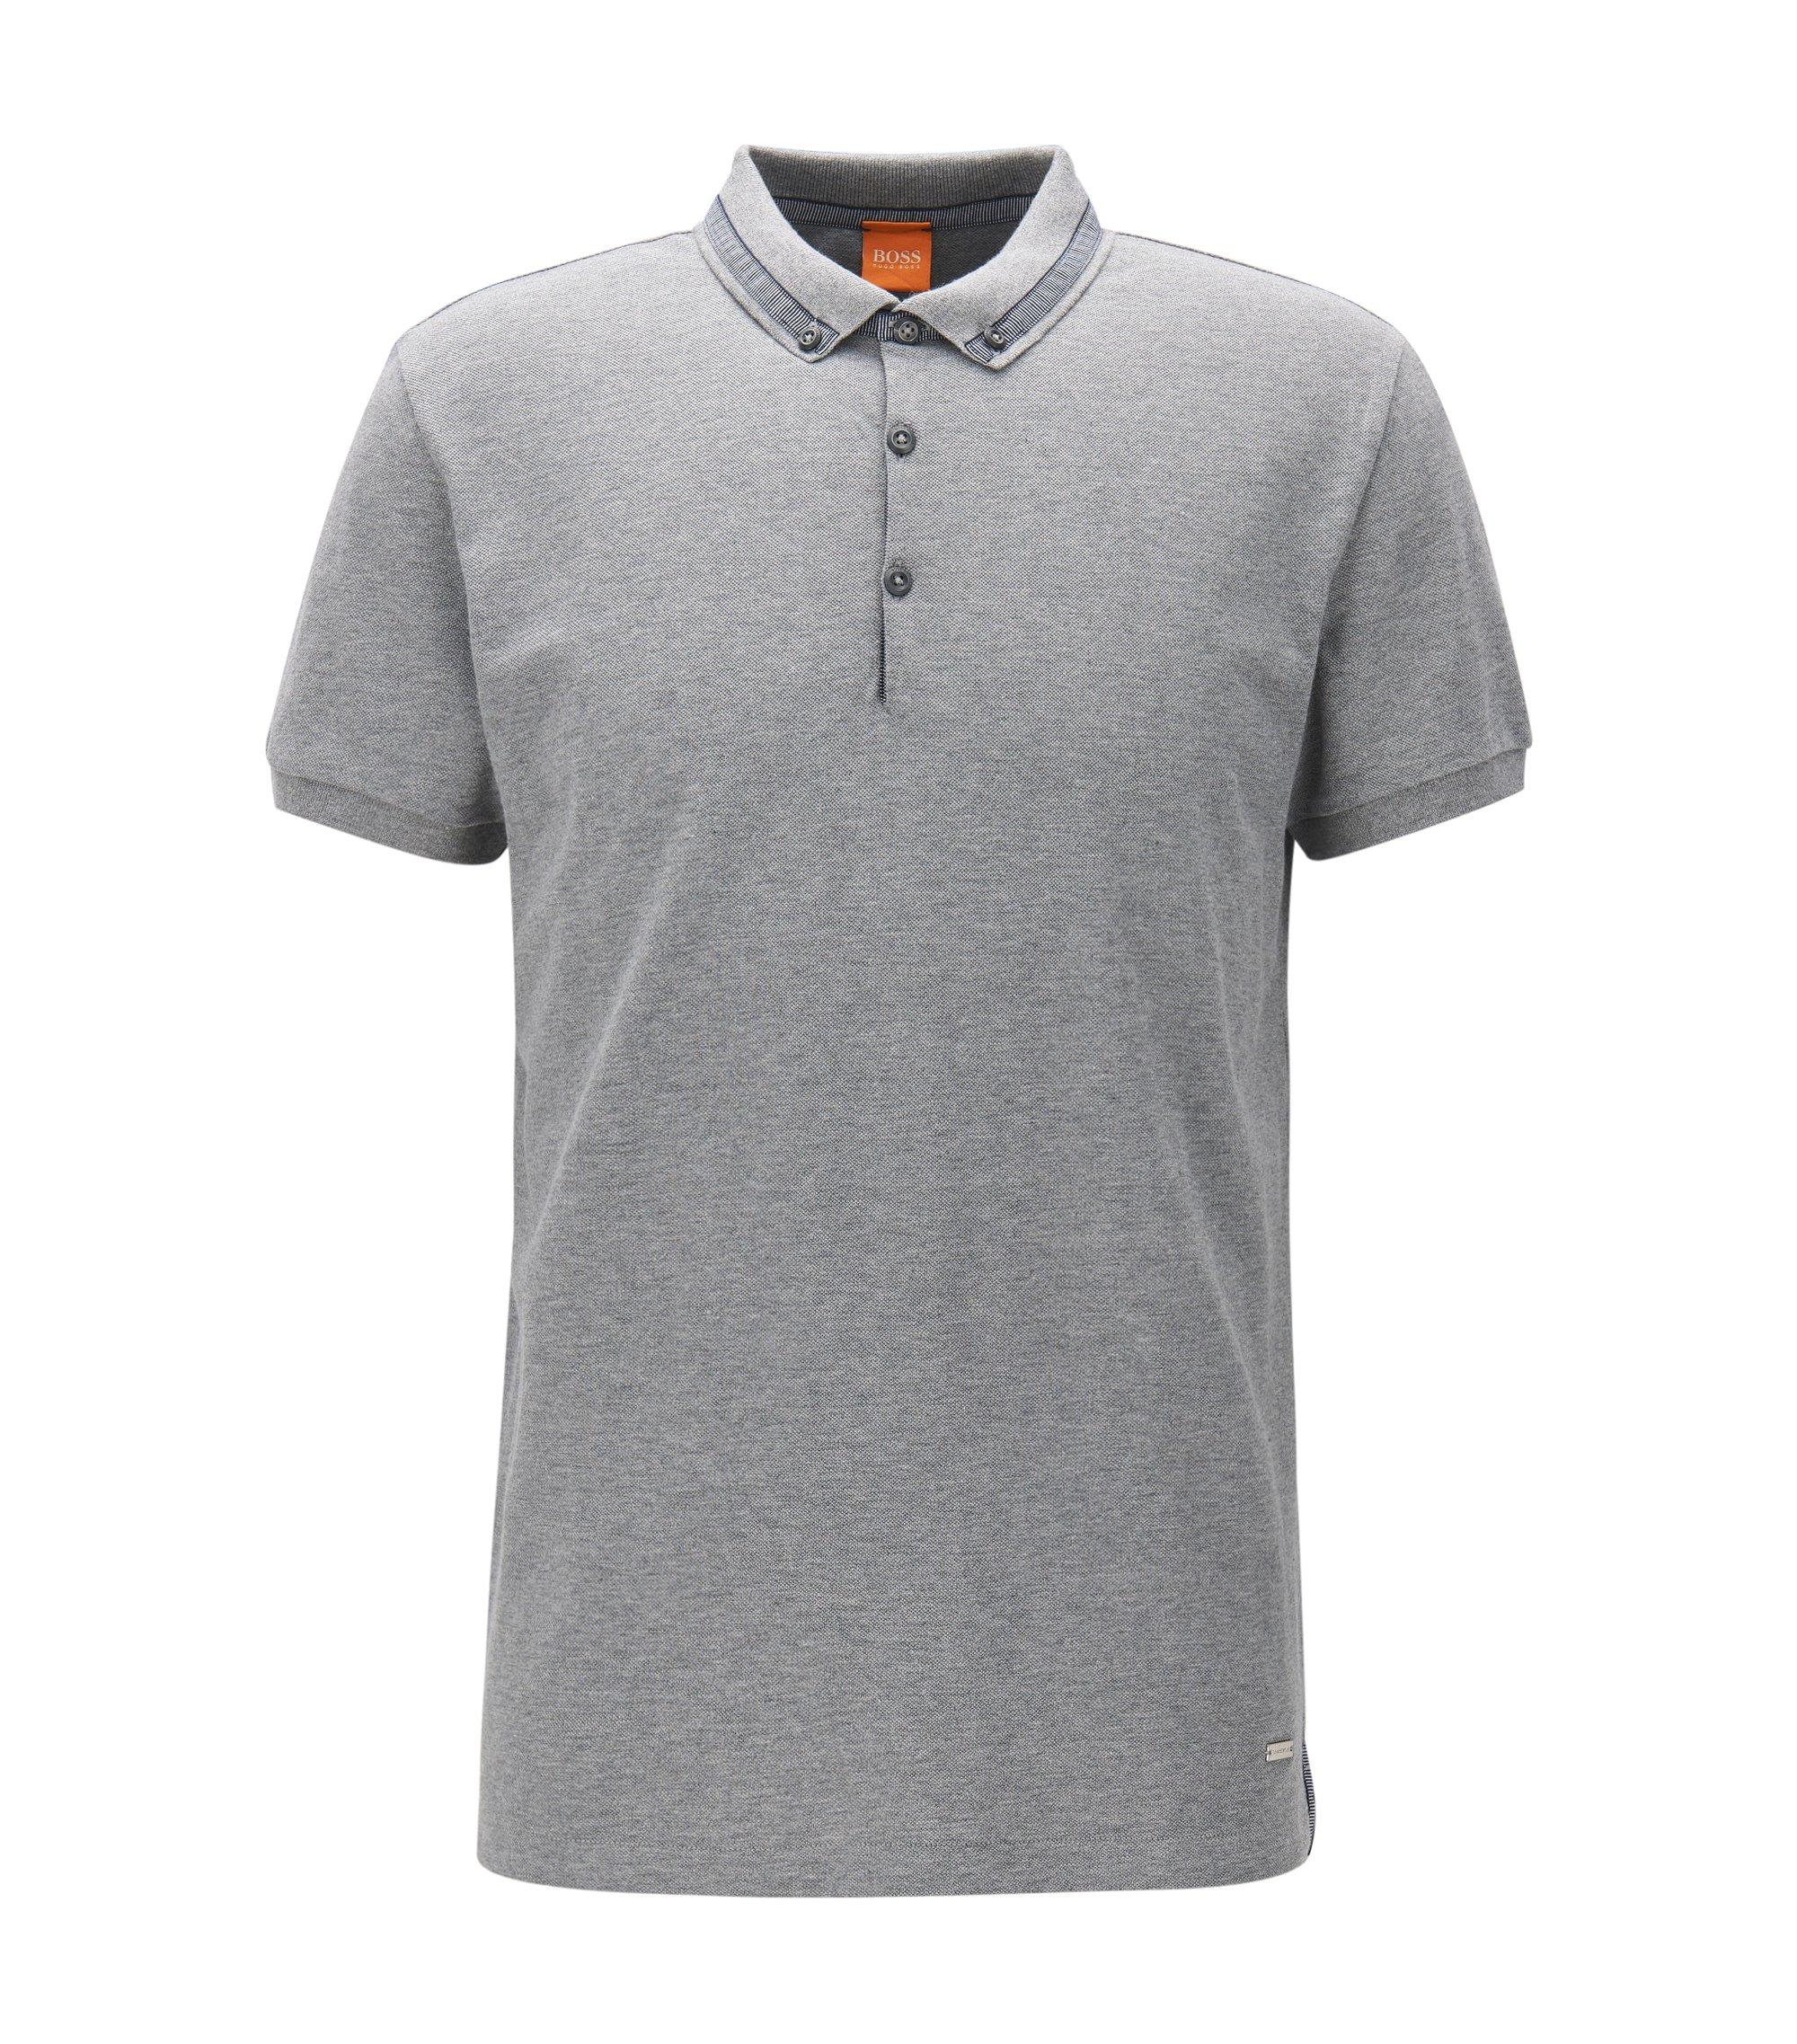 Regular-Fit Poloshirt aus Baumwoll-Piqué, Hellgrau